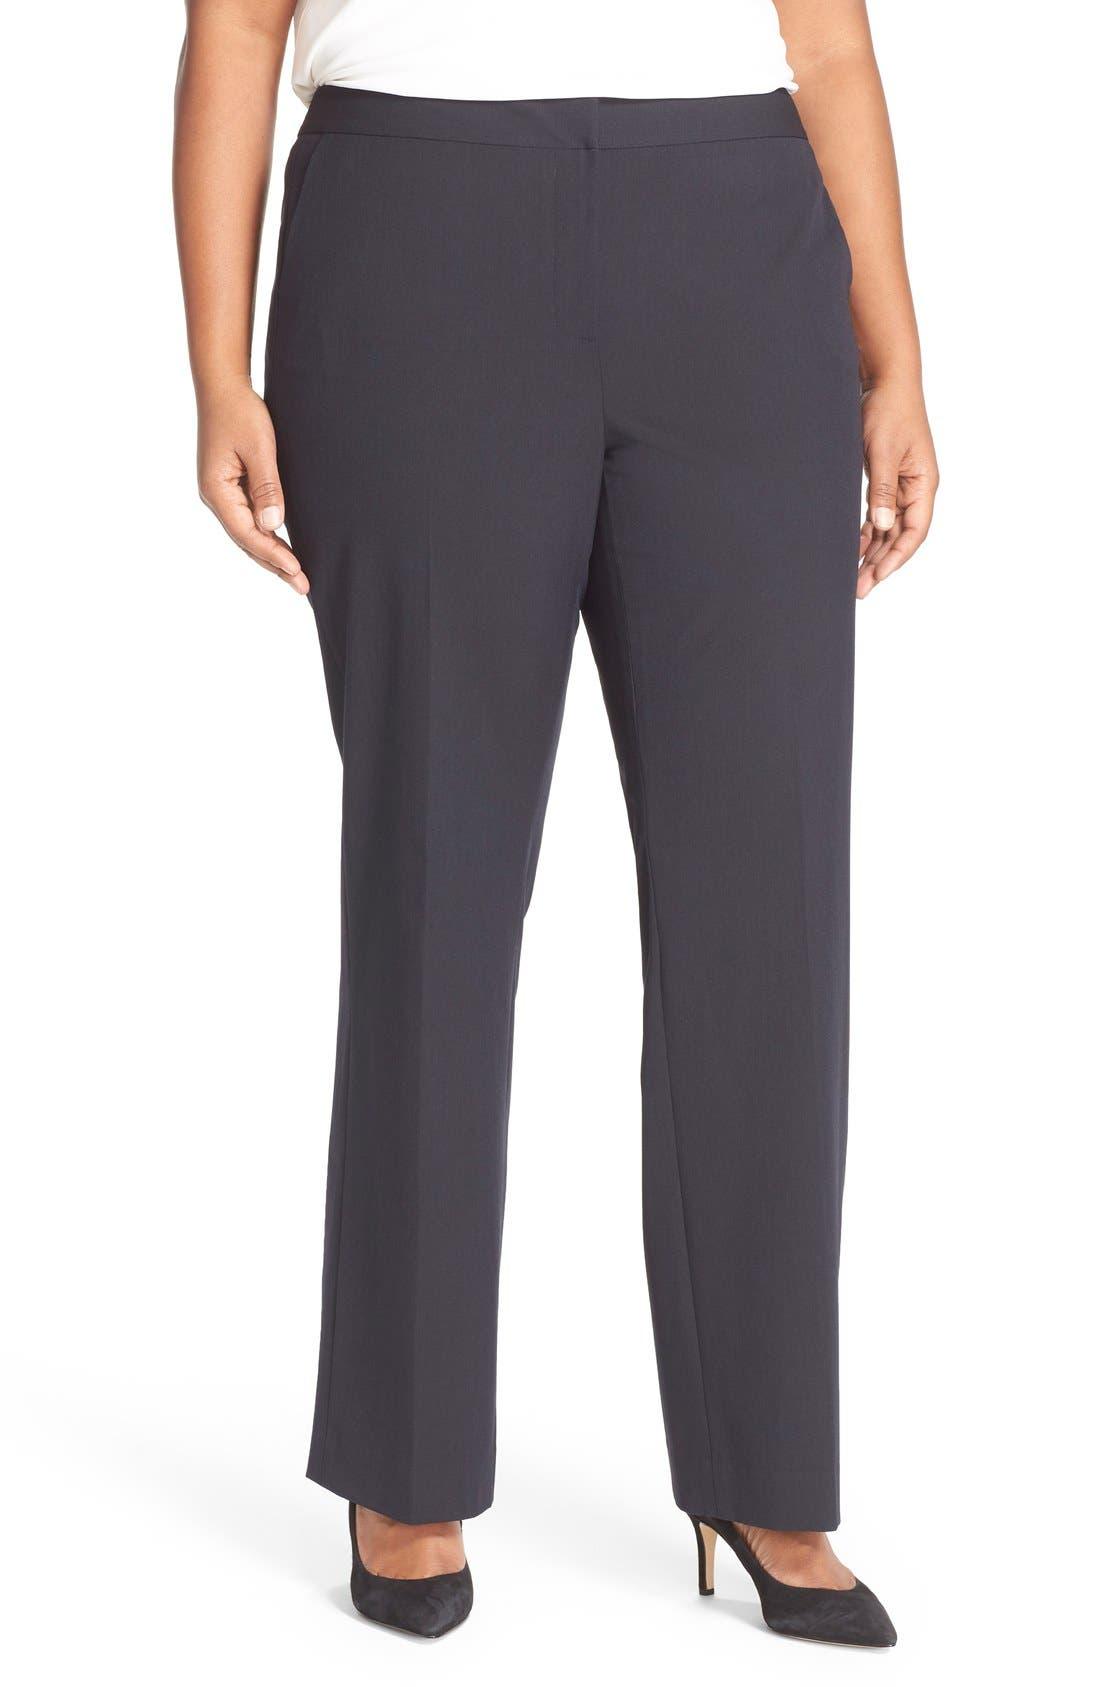 Main Image - Sejour 'Ela' Stretch Curvy Fit Wide Leg Suit Pants (Plus Size & Petite Plus)